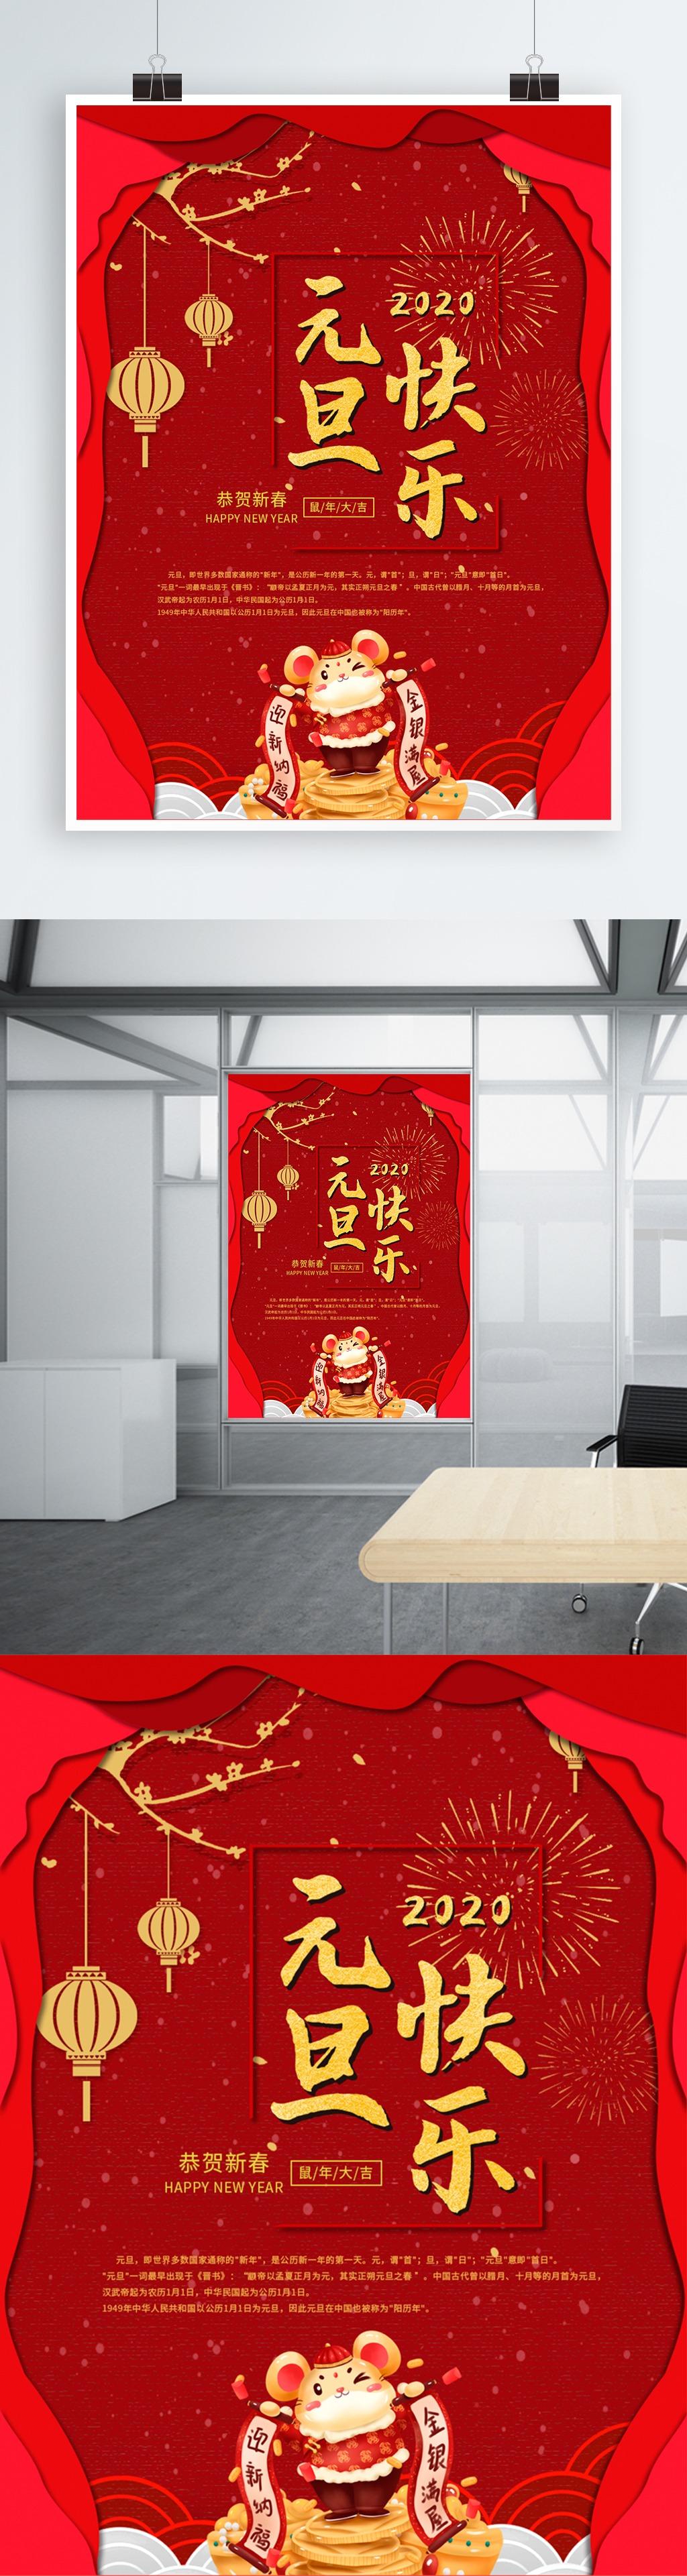 2020年元旦红色节日海报春节新春新年过年